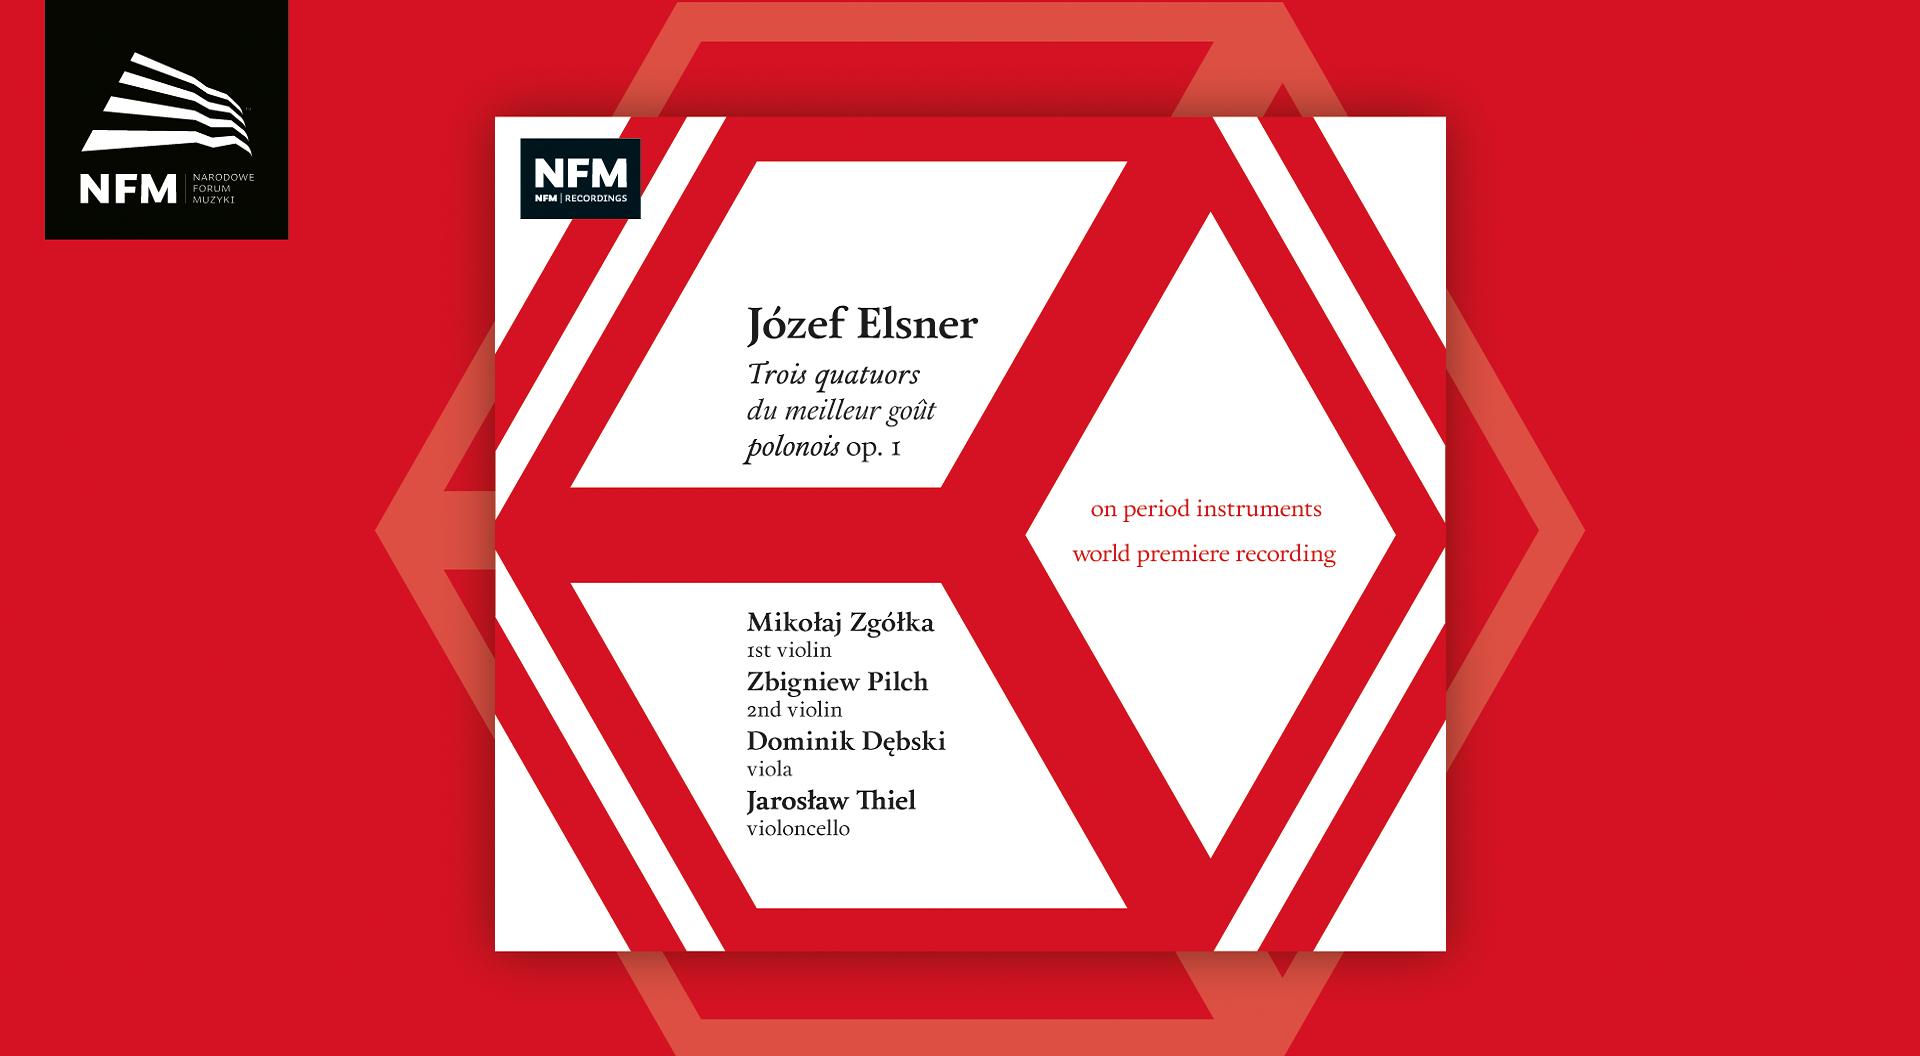 Józef Elsner | Trois quatuors du meilleur goût polonois op. 1